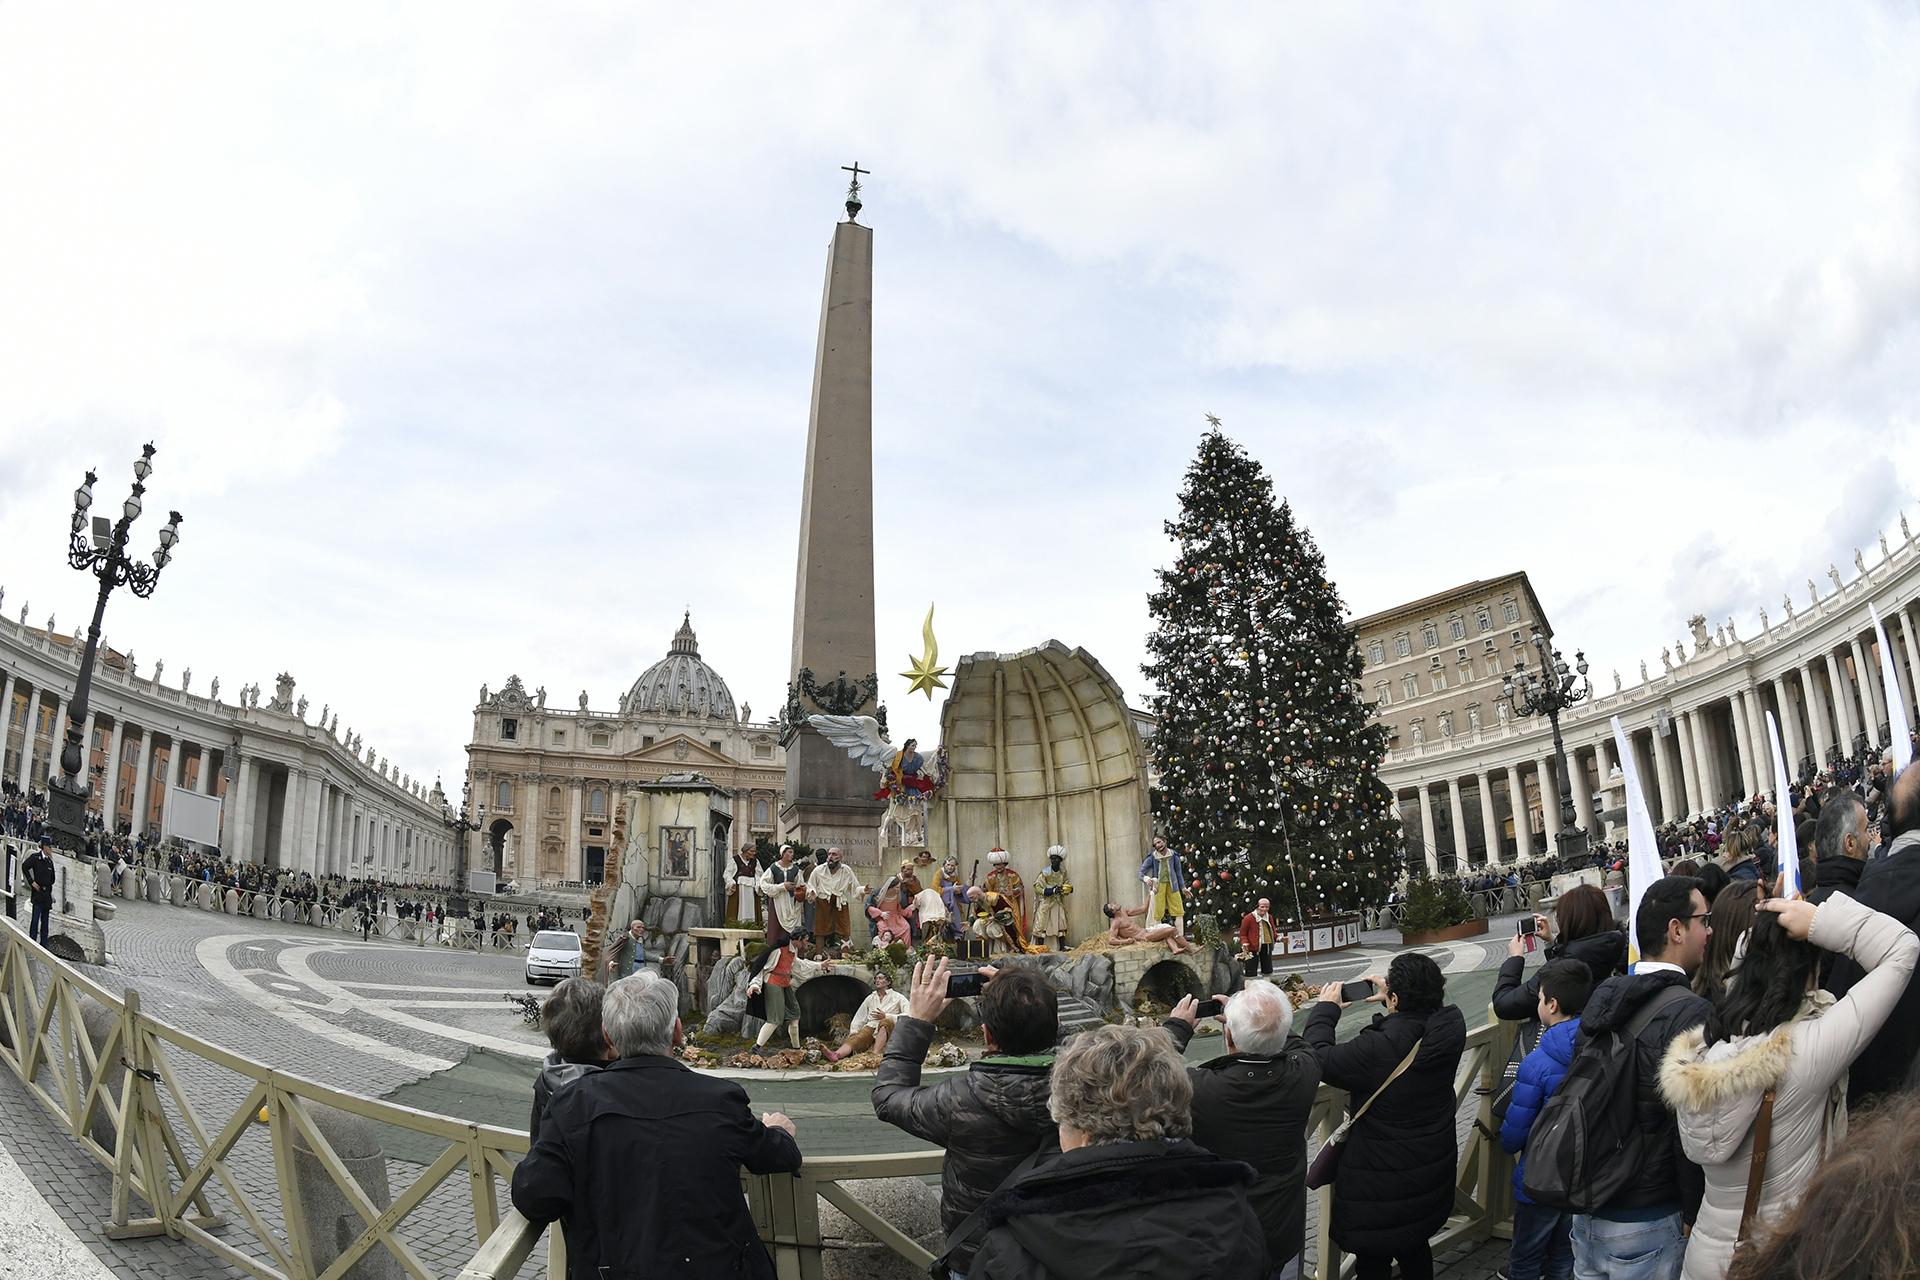 Fieles católicos aguardan por el rezo del Angelus del papa Francisco en la plaza San Pedro, donde el tradicional árbol de Navidad ya ha sido instalado